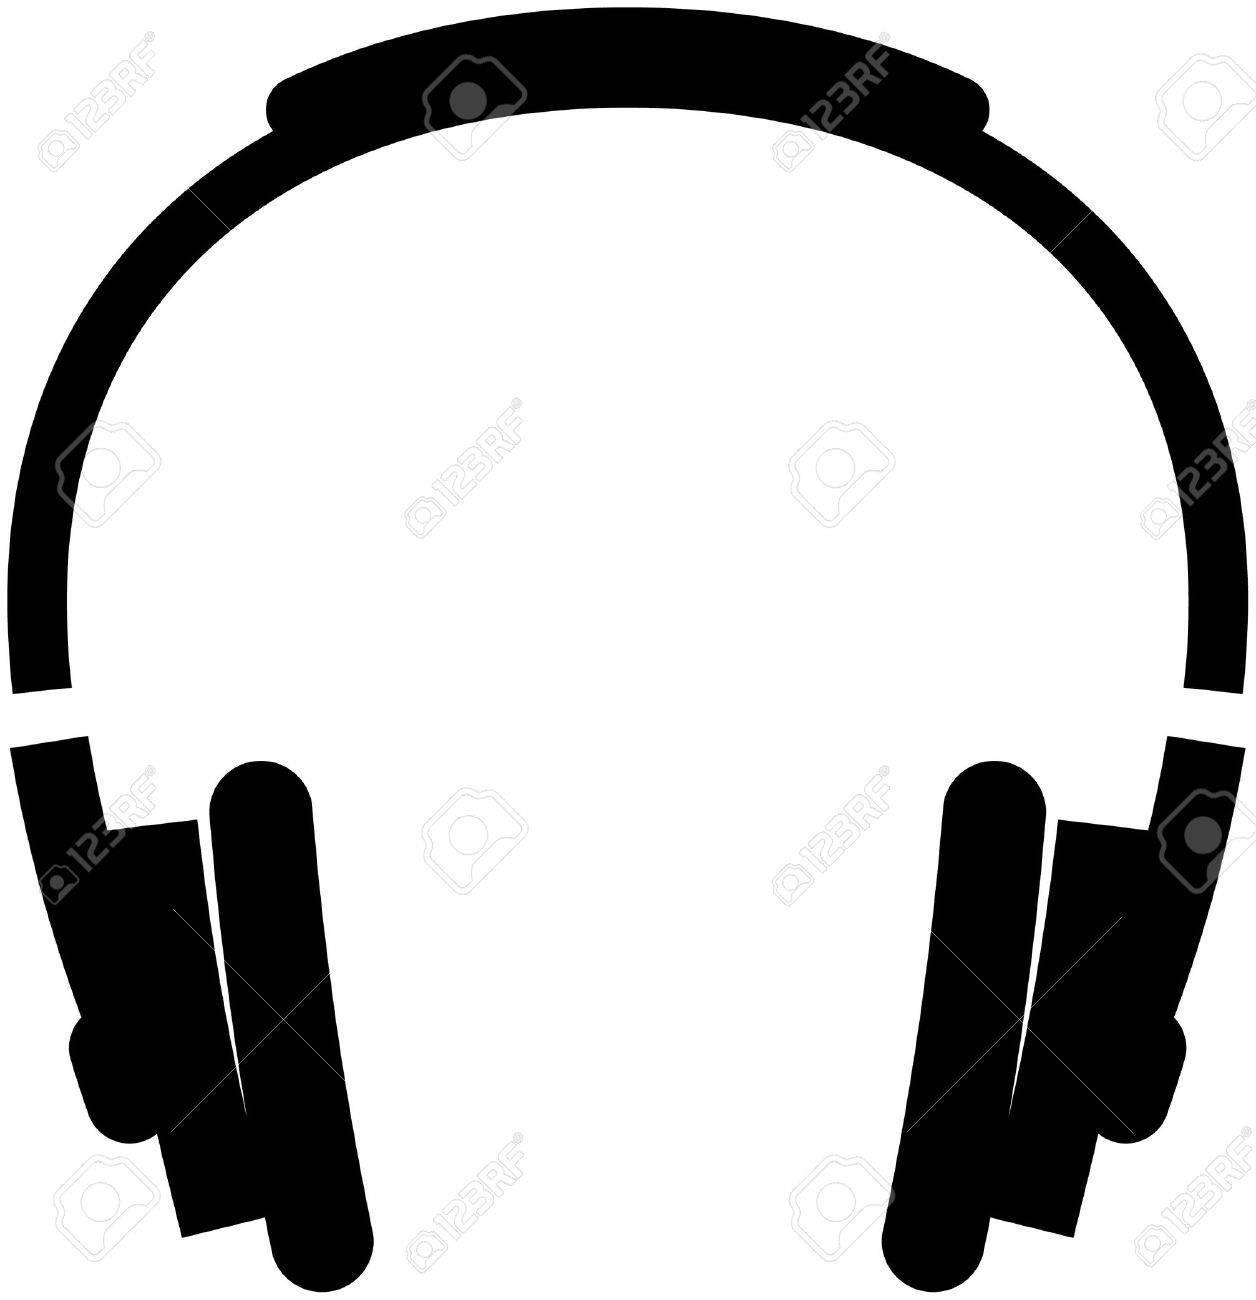 Dj headphones clipart 5 » Clipart Portal.